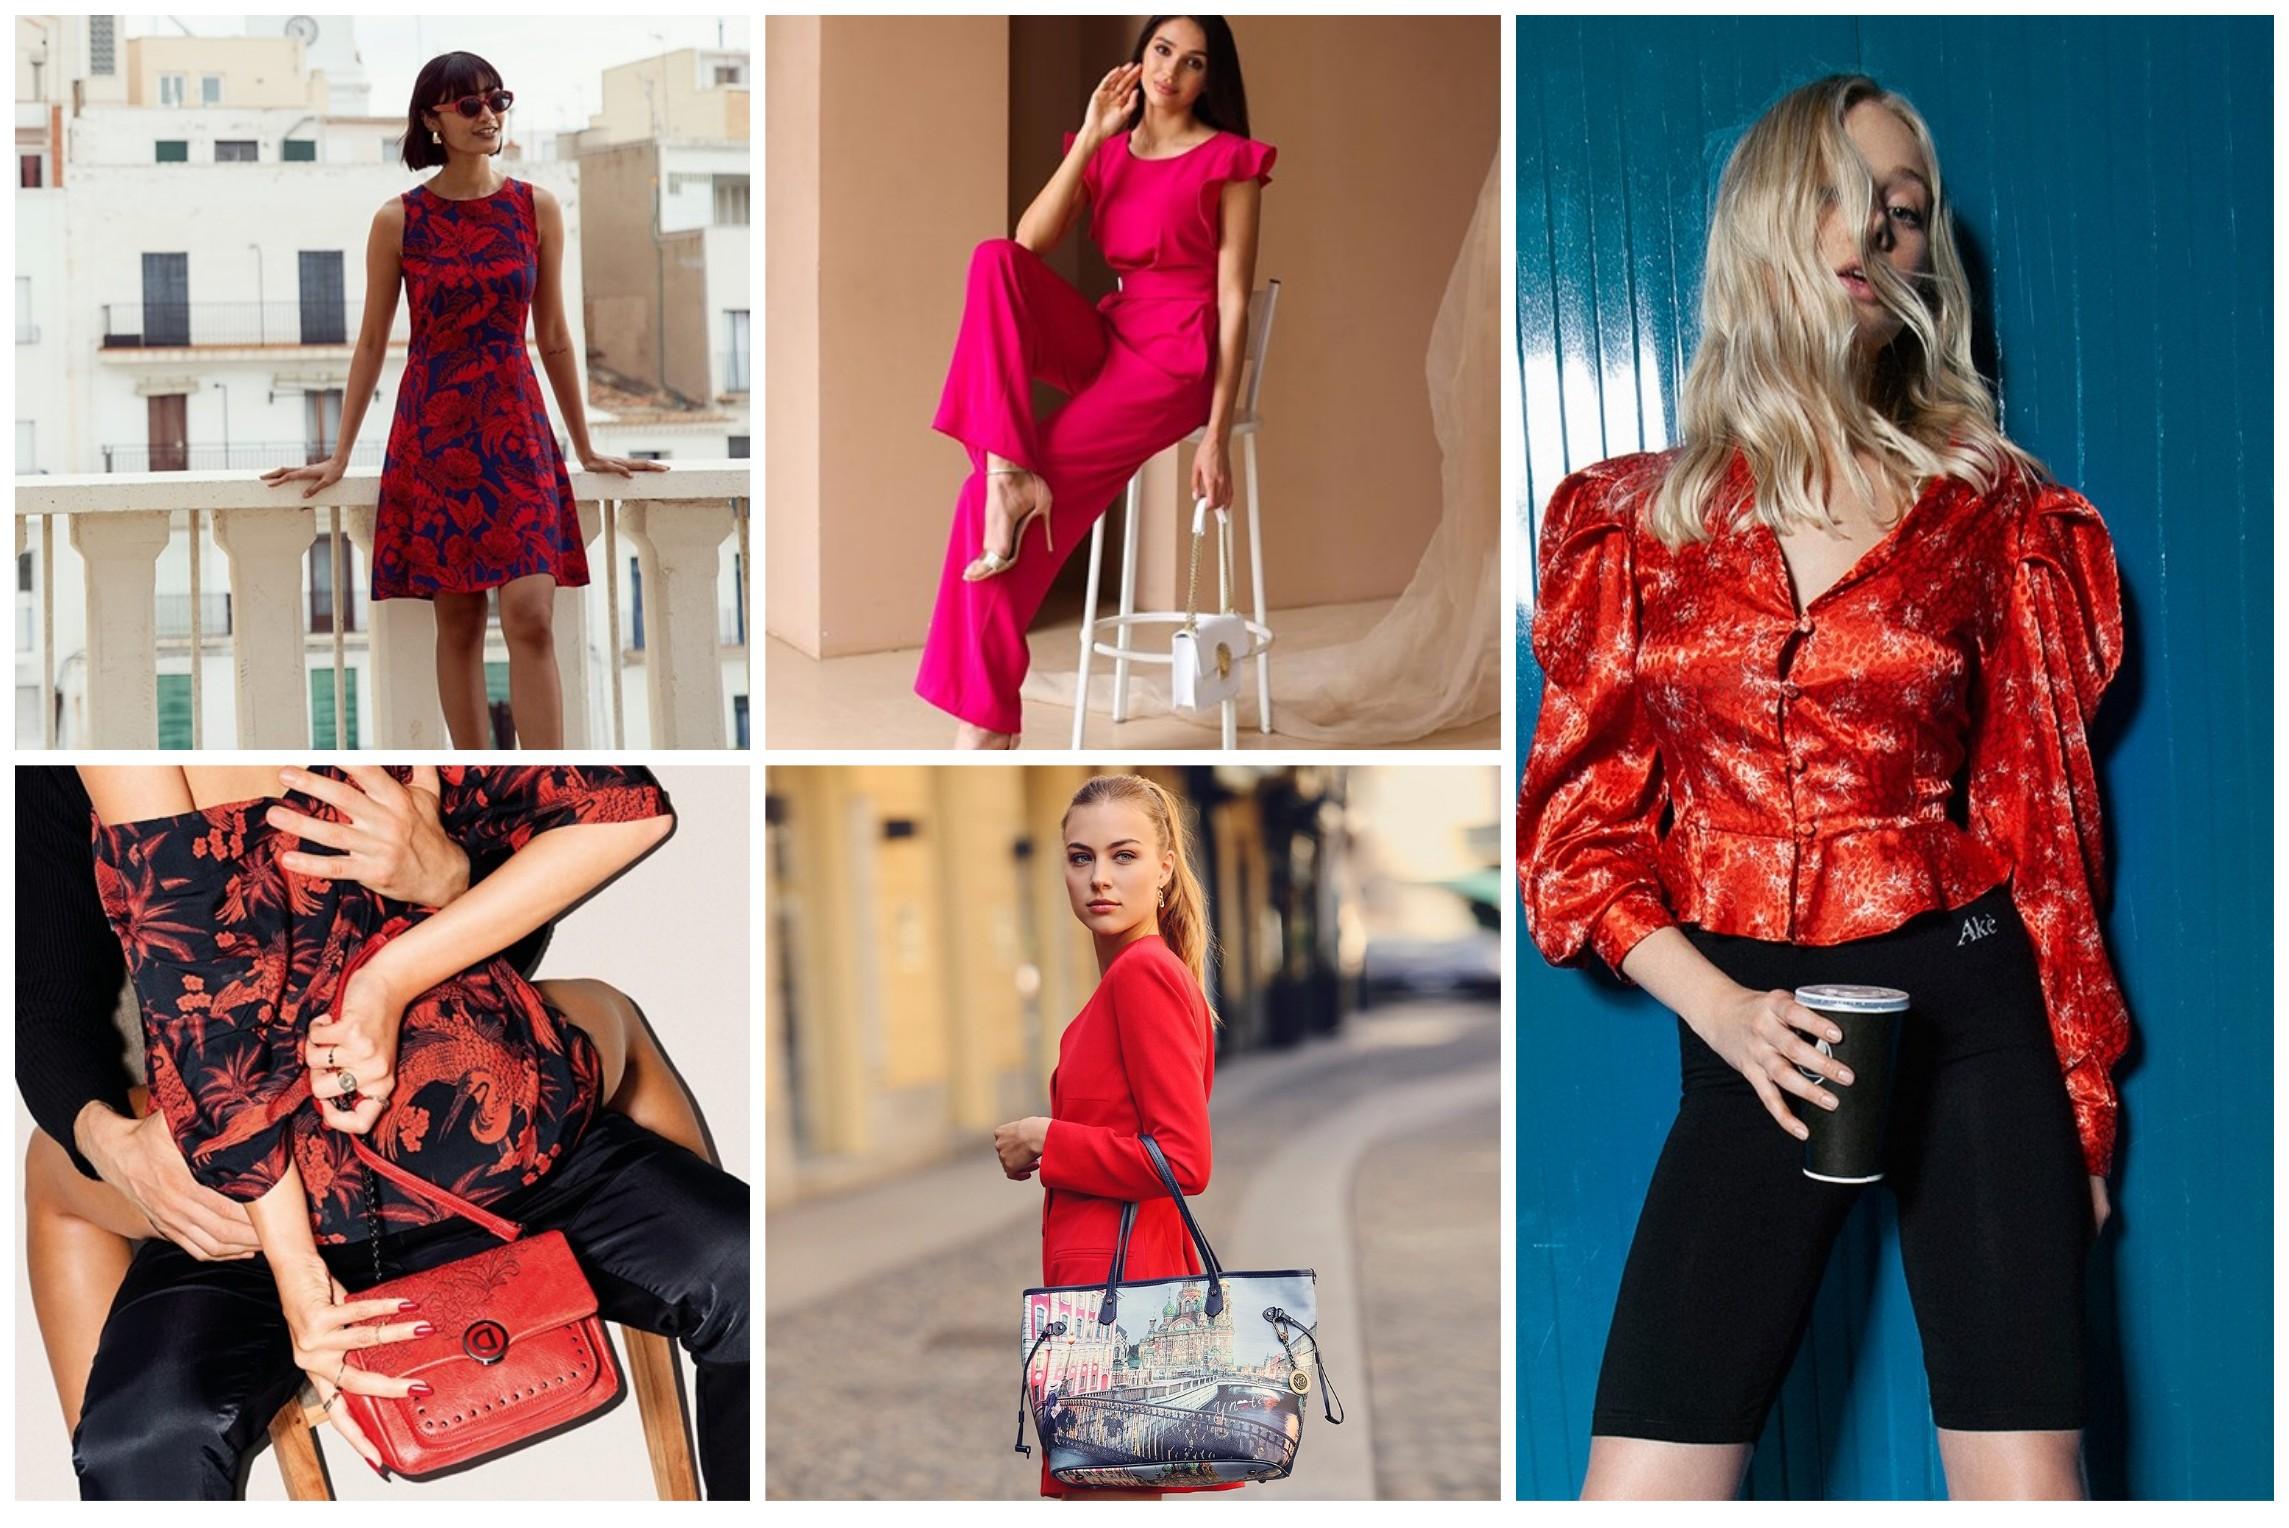 colori che fanno bene all'umore, vestire di rosso